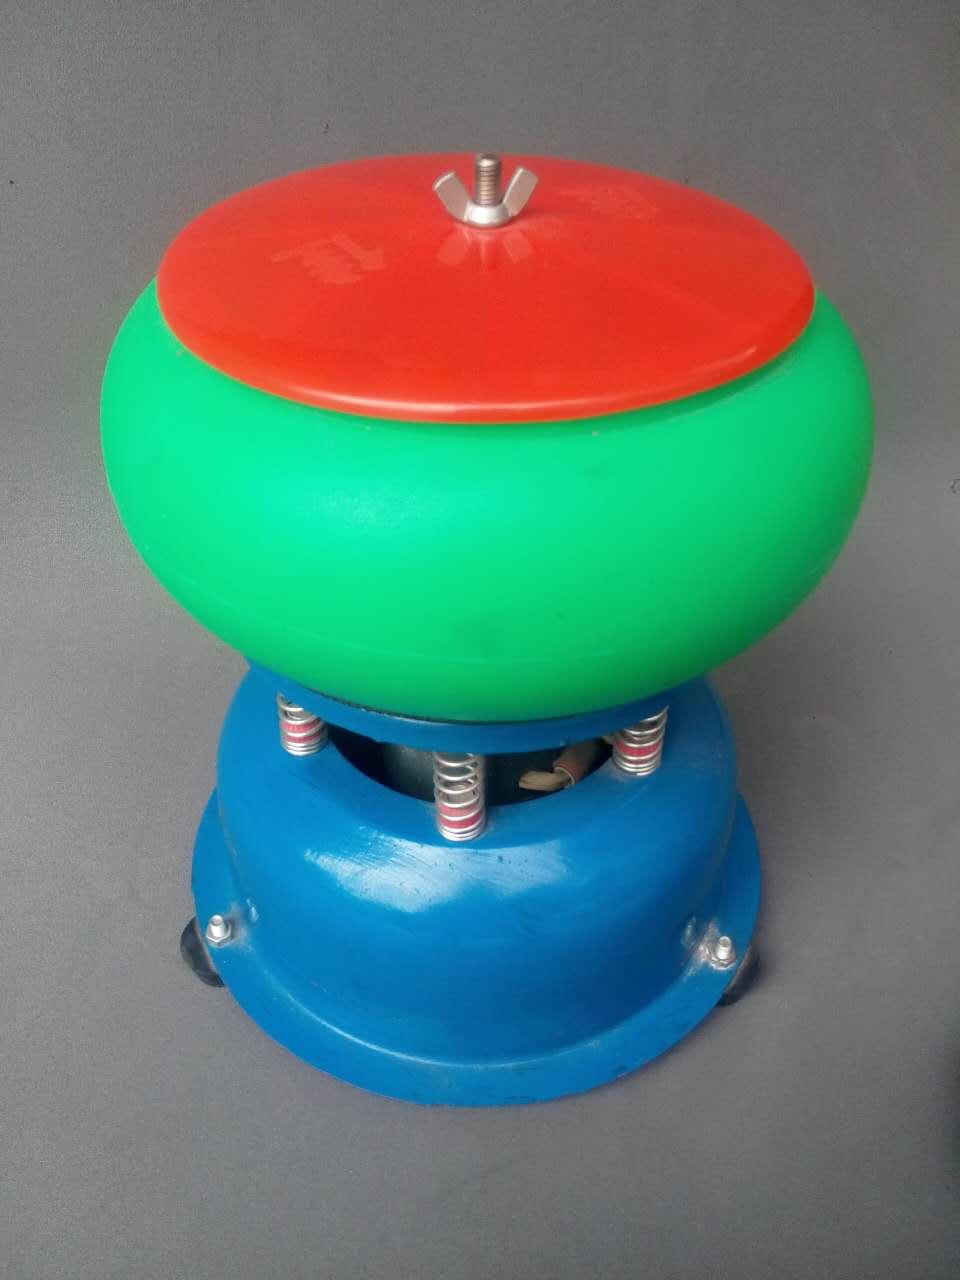 震桶 宝石机械抛光机 玉石研磨机 圆珠震桶抛光机械